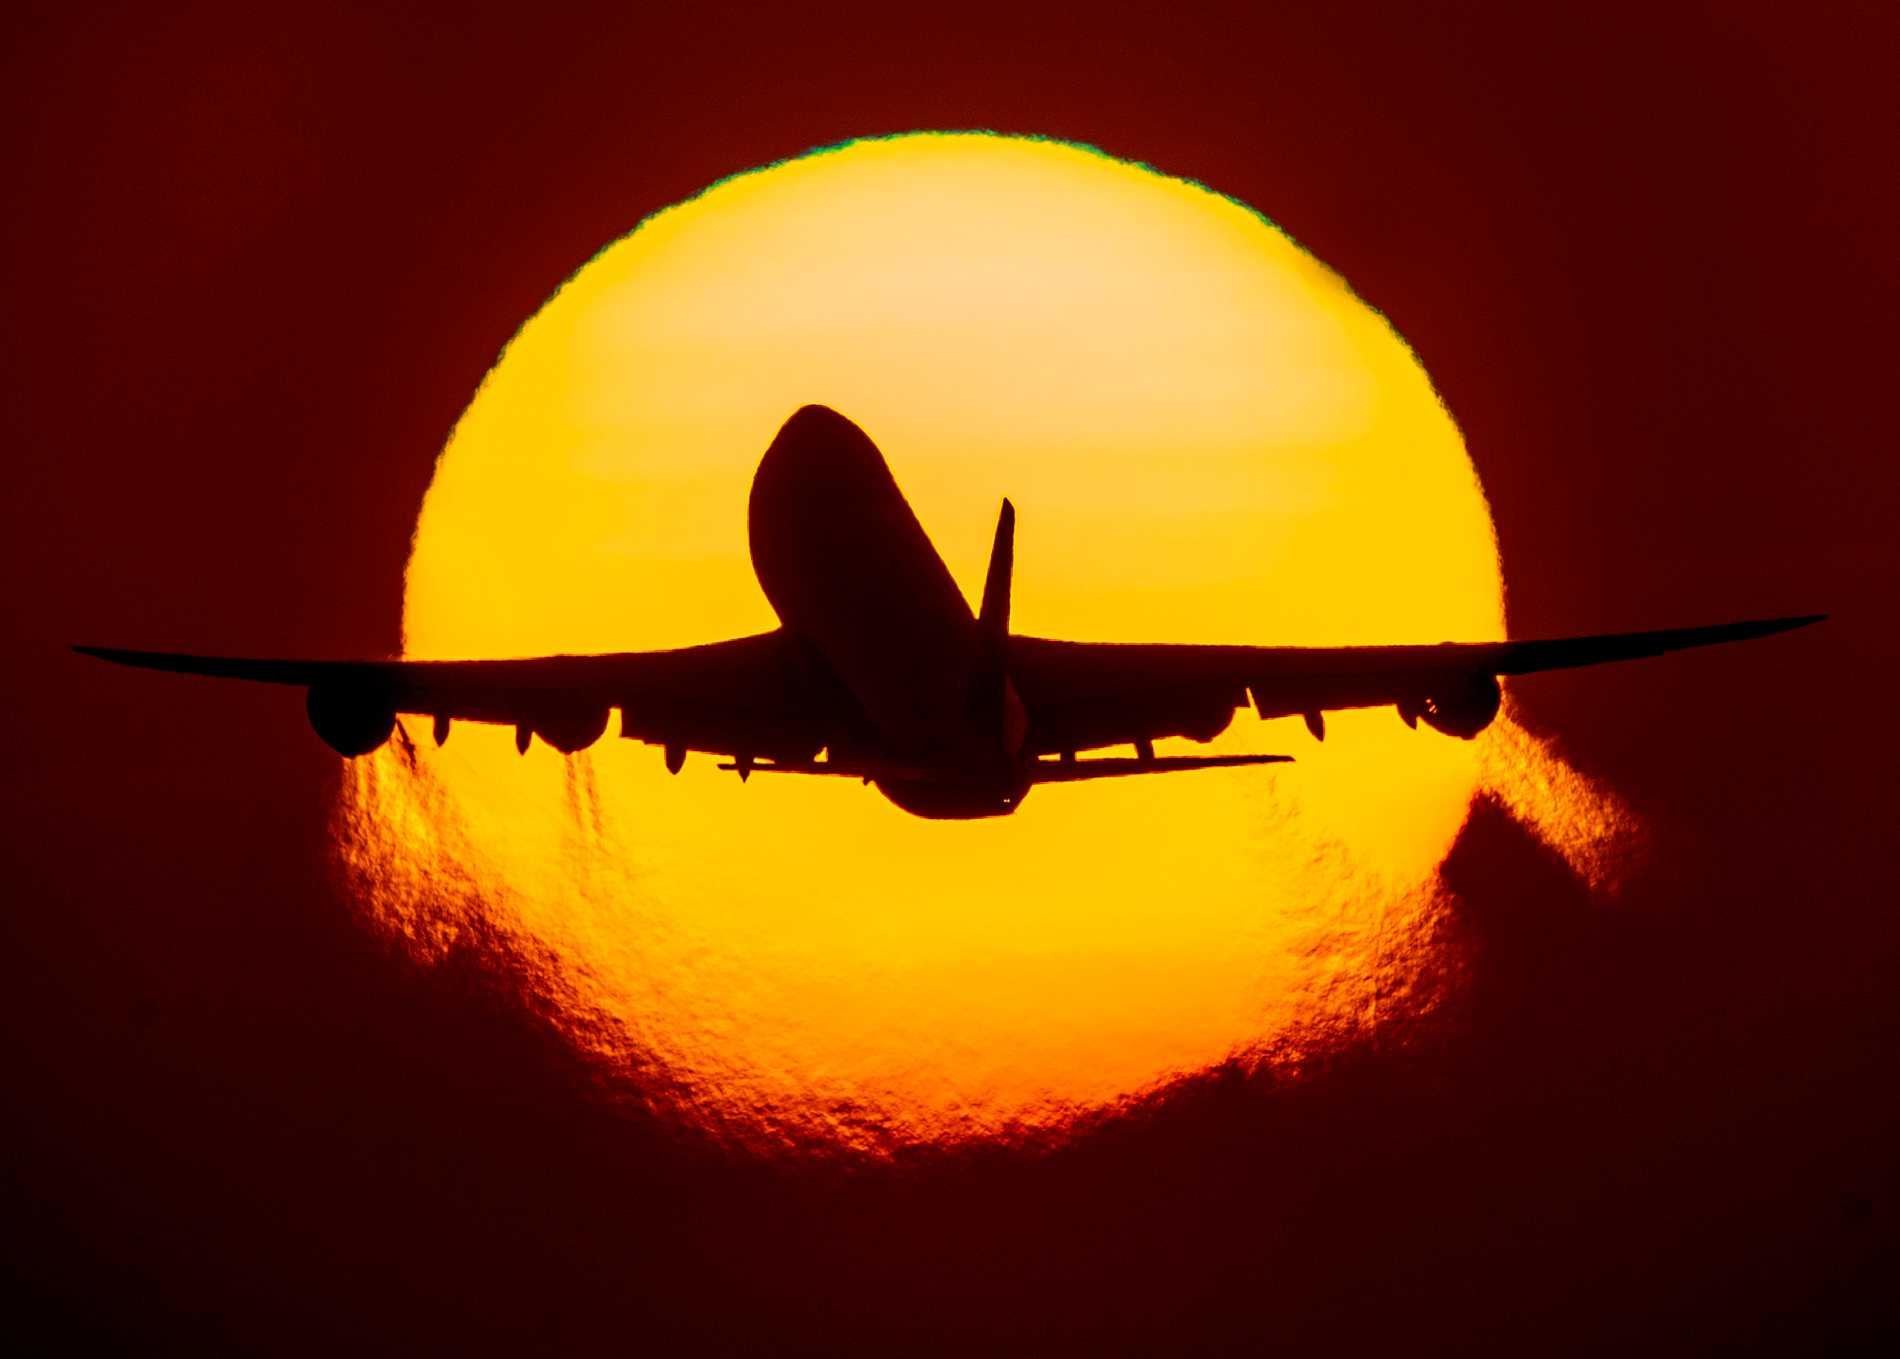 Flygtrafiken är på väg tillbaka från låga nivåer och bokningstrycket är högt för juli och augusti, enligt en sammanställning från Stockholms handelskammare som bygger på siffror från branschorganisationen IATA. Arkivbild.